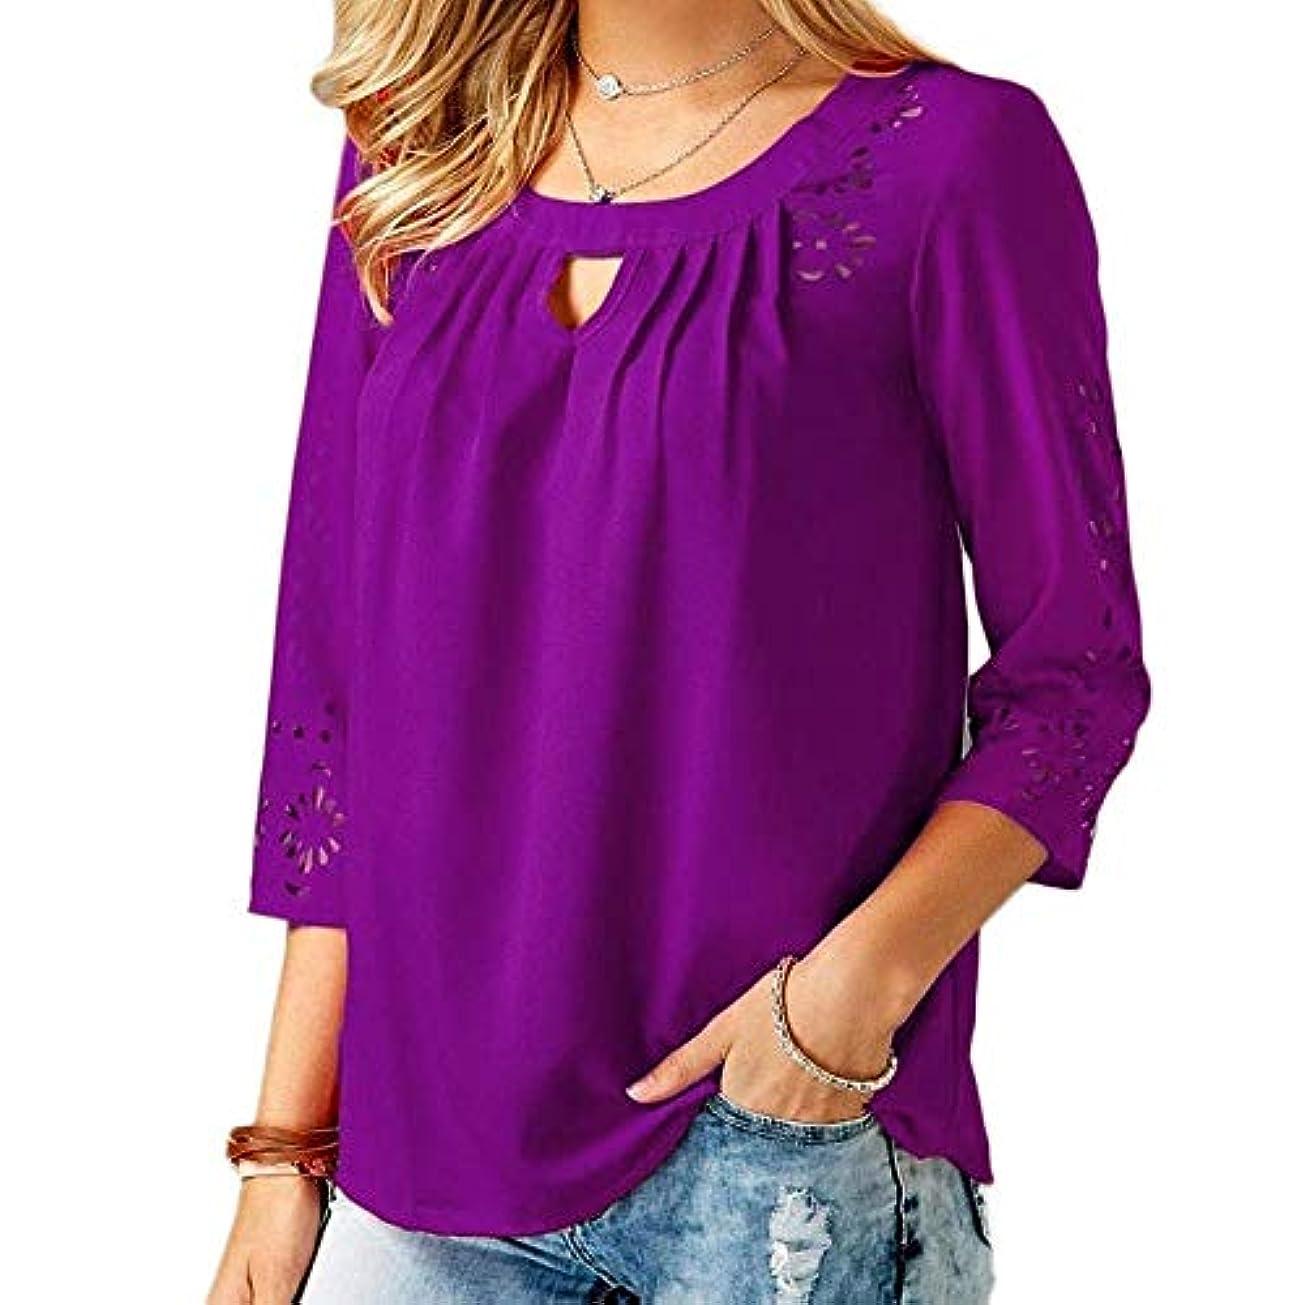 構想する成り立つ鯨MIFAN ゆったりTシャツ、シフォンシャツ、カジュアルシャツ、女性トップ、プラスサイズトップ